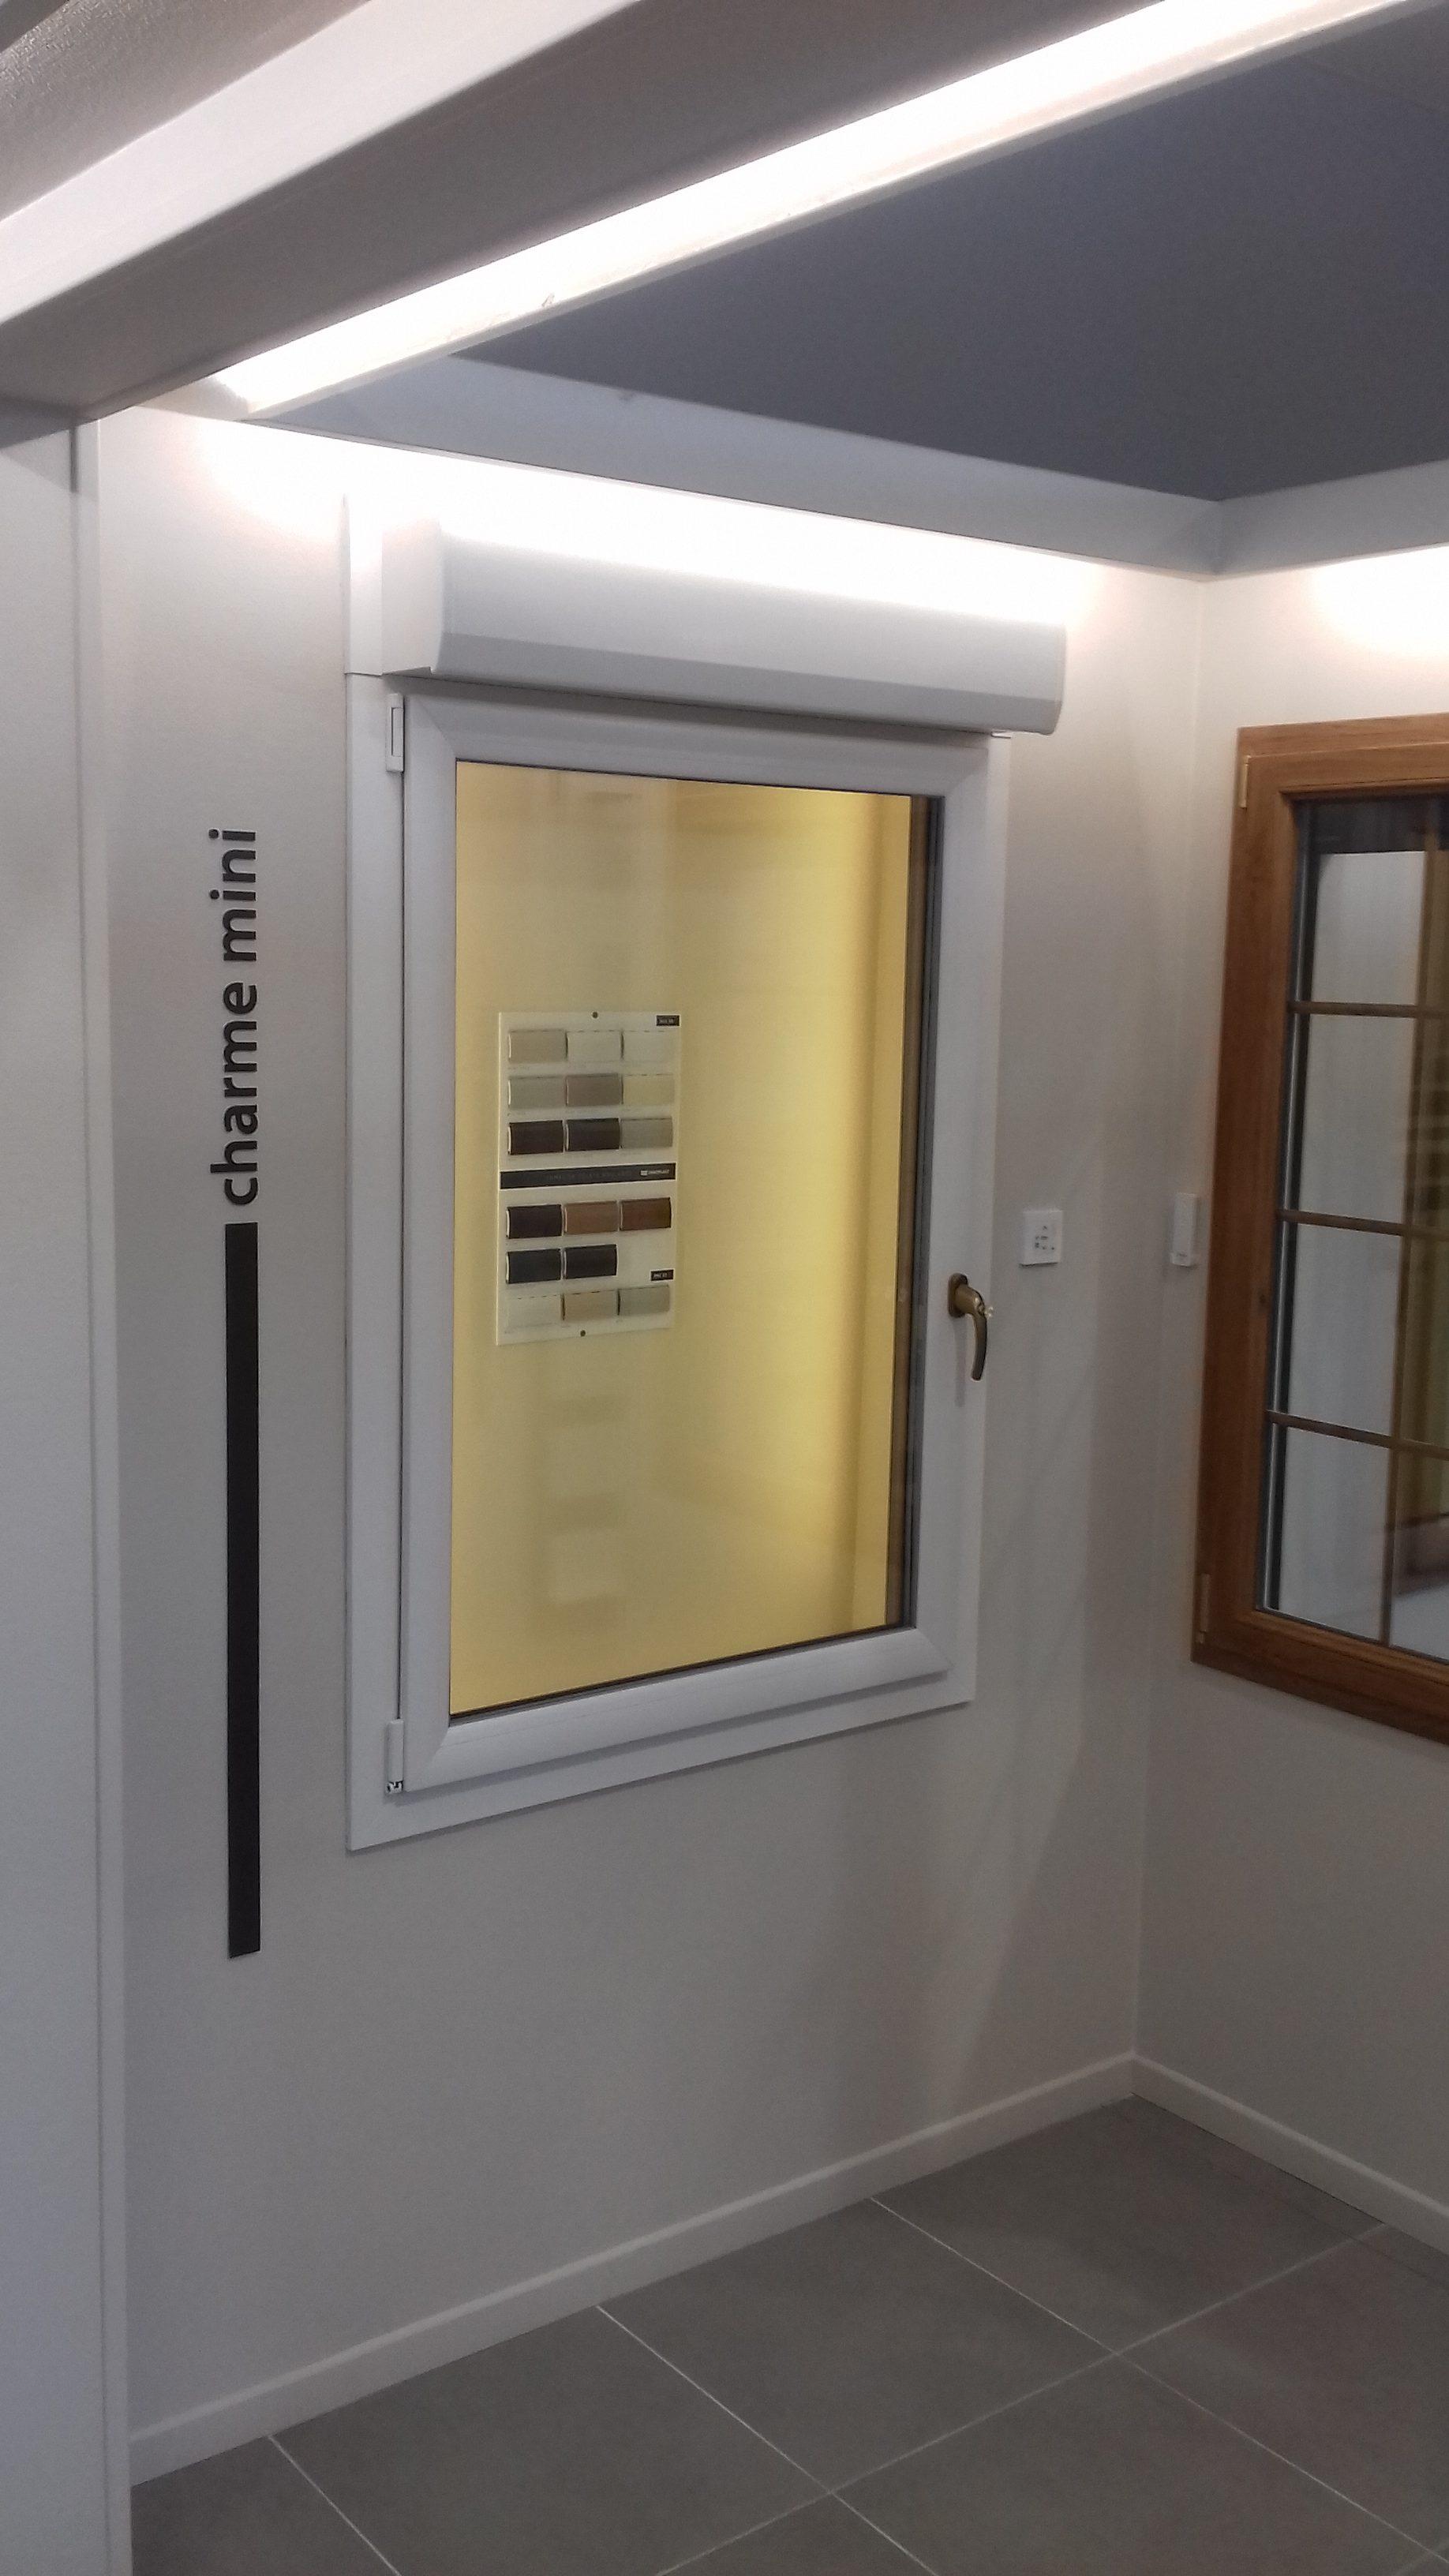 Verre Clair Saint Maximin verre clair - oknoplast : fabricant de fenêtres pvc, portes